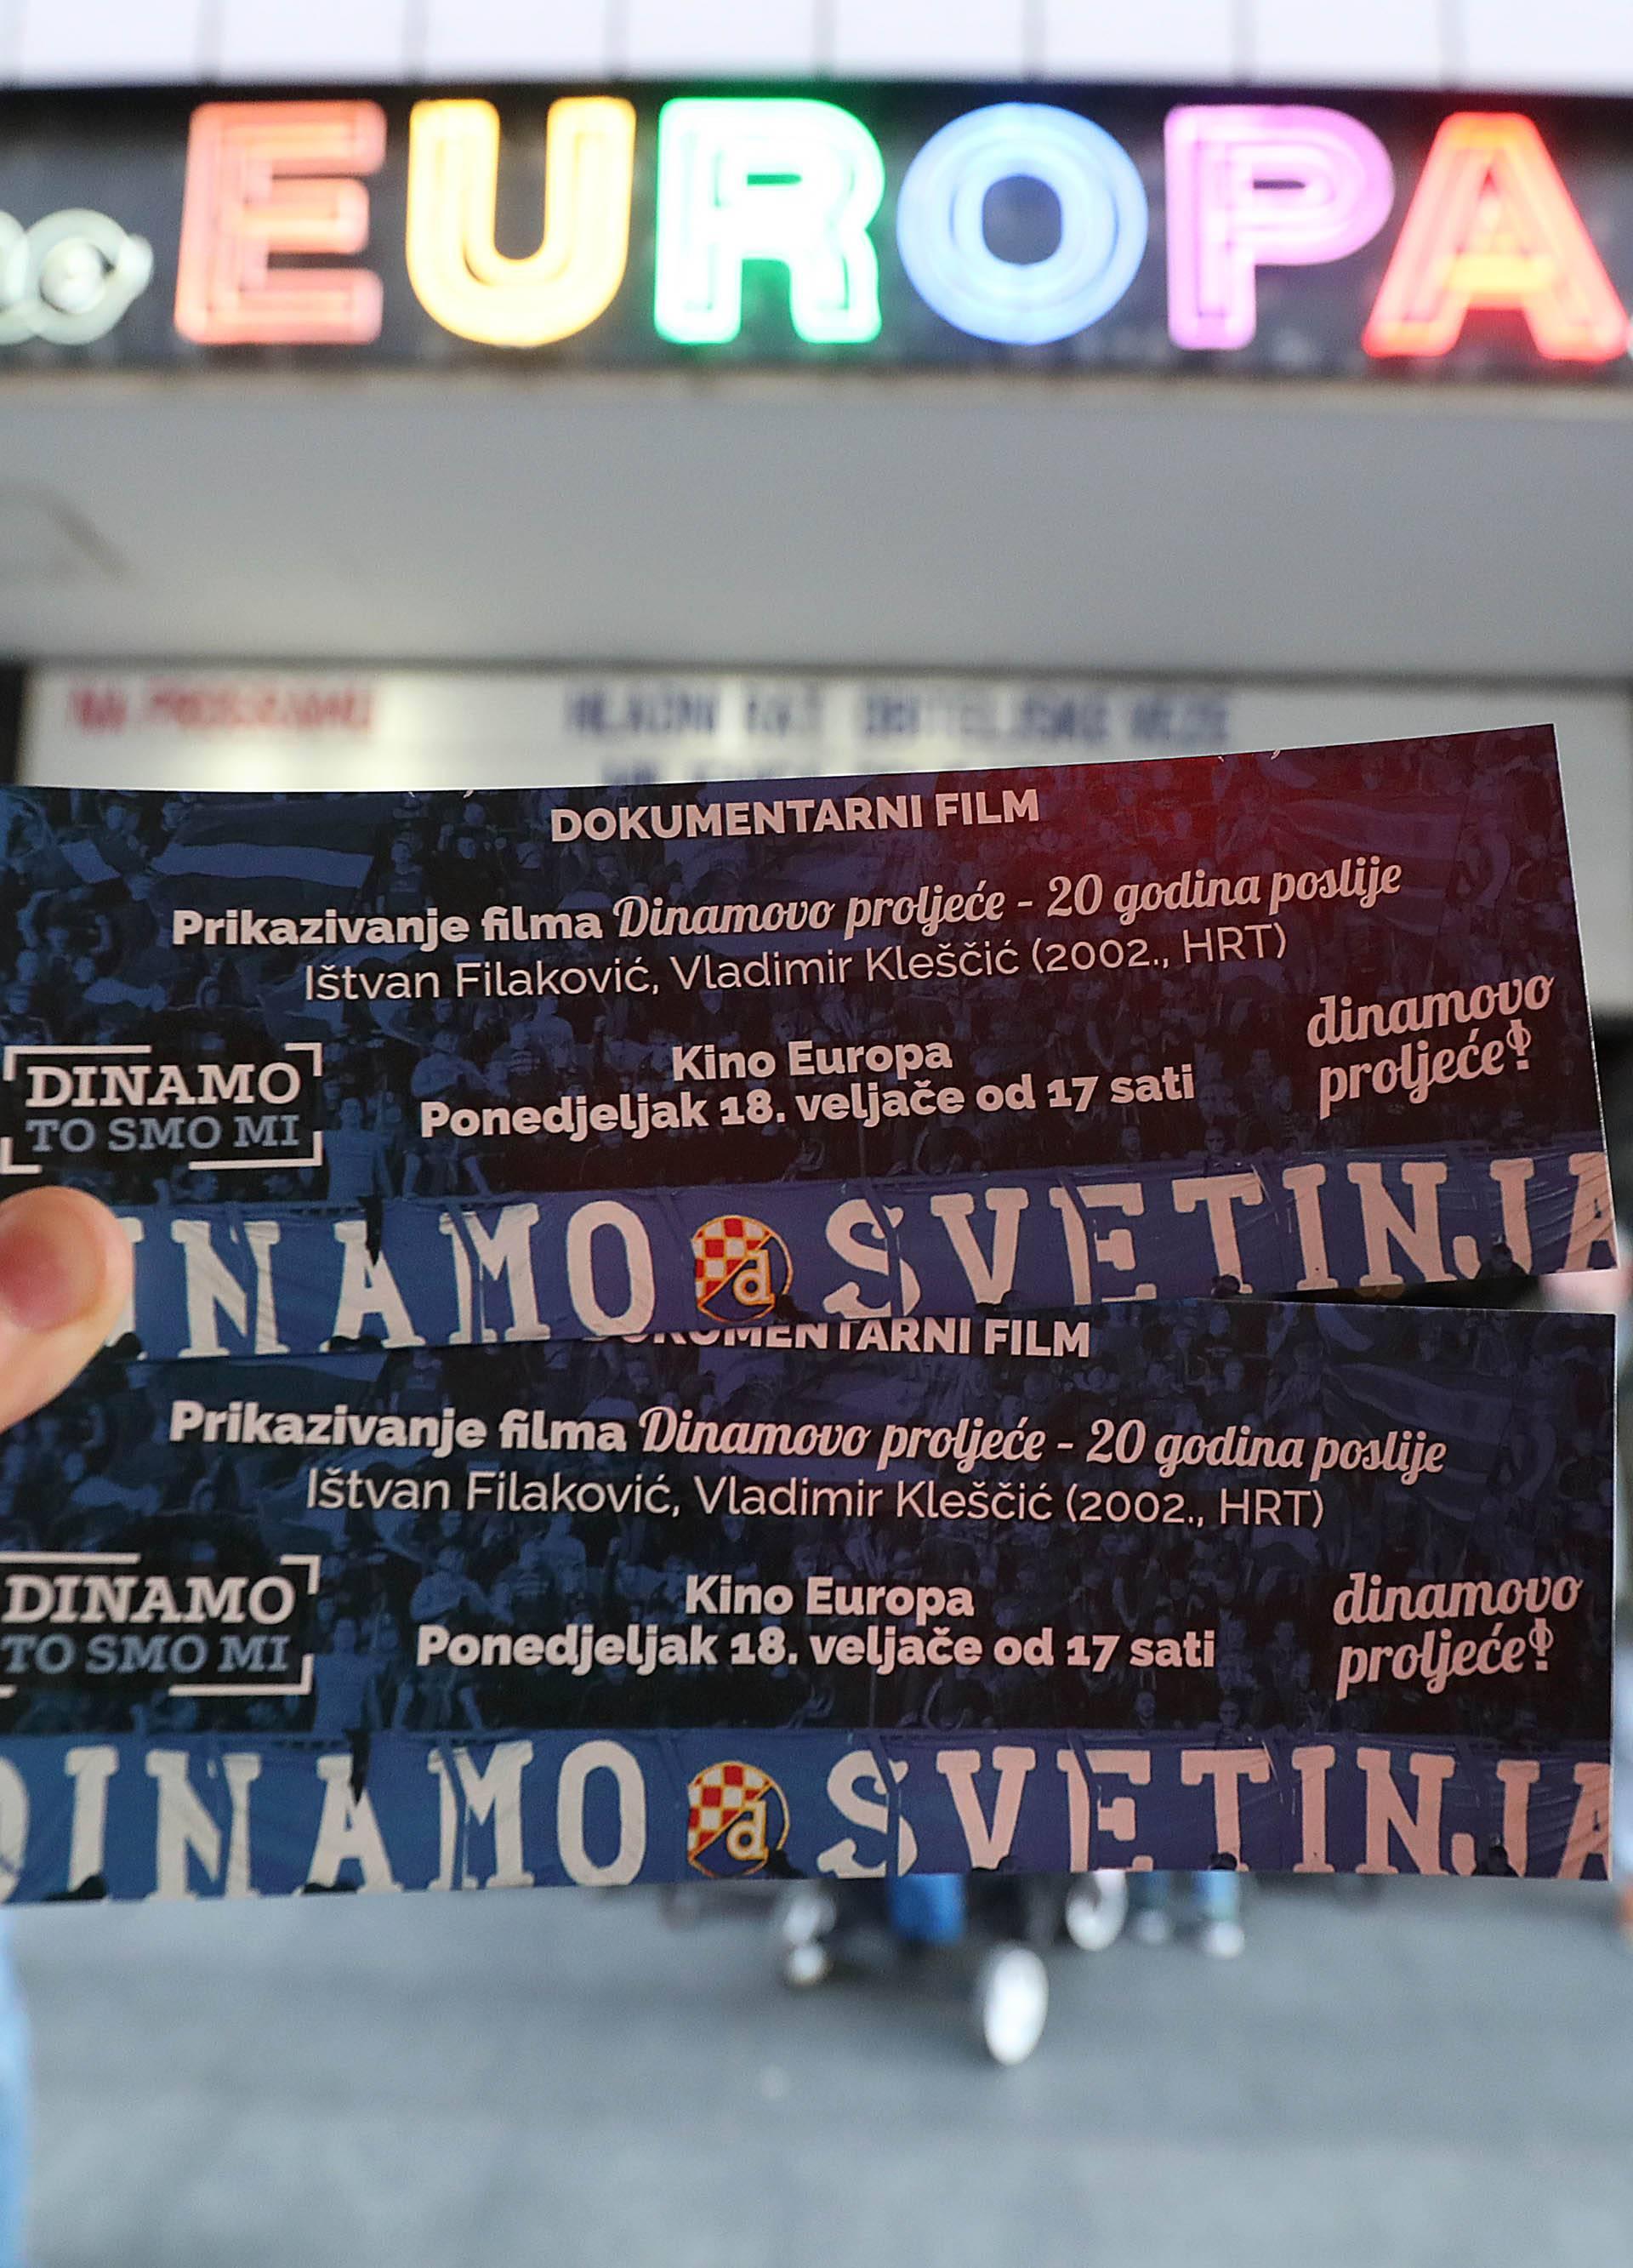 """Zagreb: U kinu Europa prikazan film """"Dinamovo proljeće - 20 godina poslije"""""""